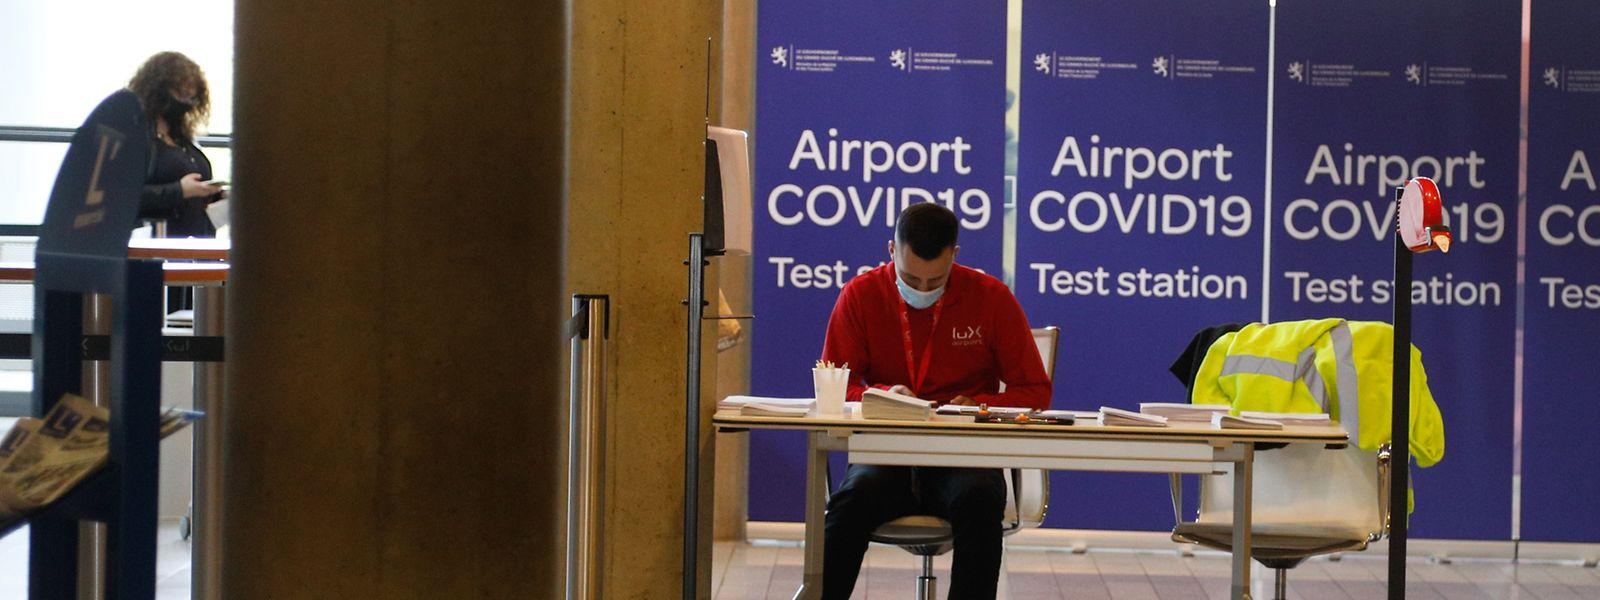 Dès leur arrivée dans l'aérogare, les passagers se voient proposer un bon pour un test à utiliser sur place ou dans un laboratoire extérieur.